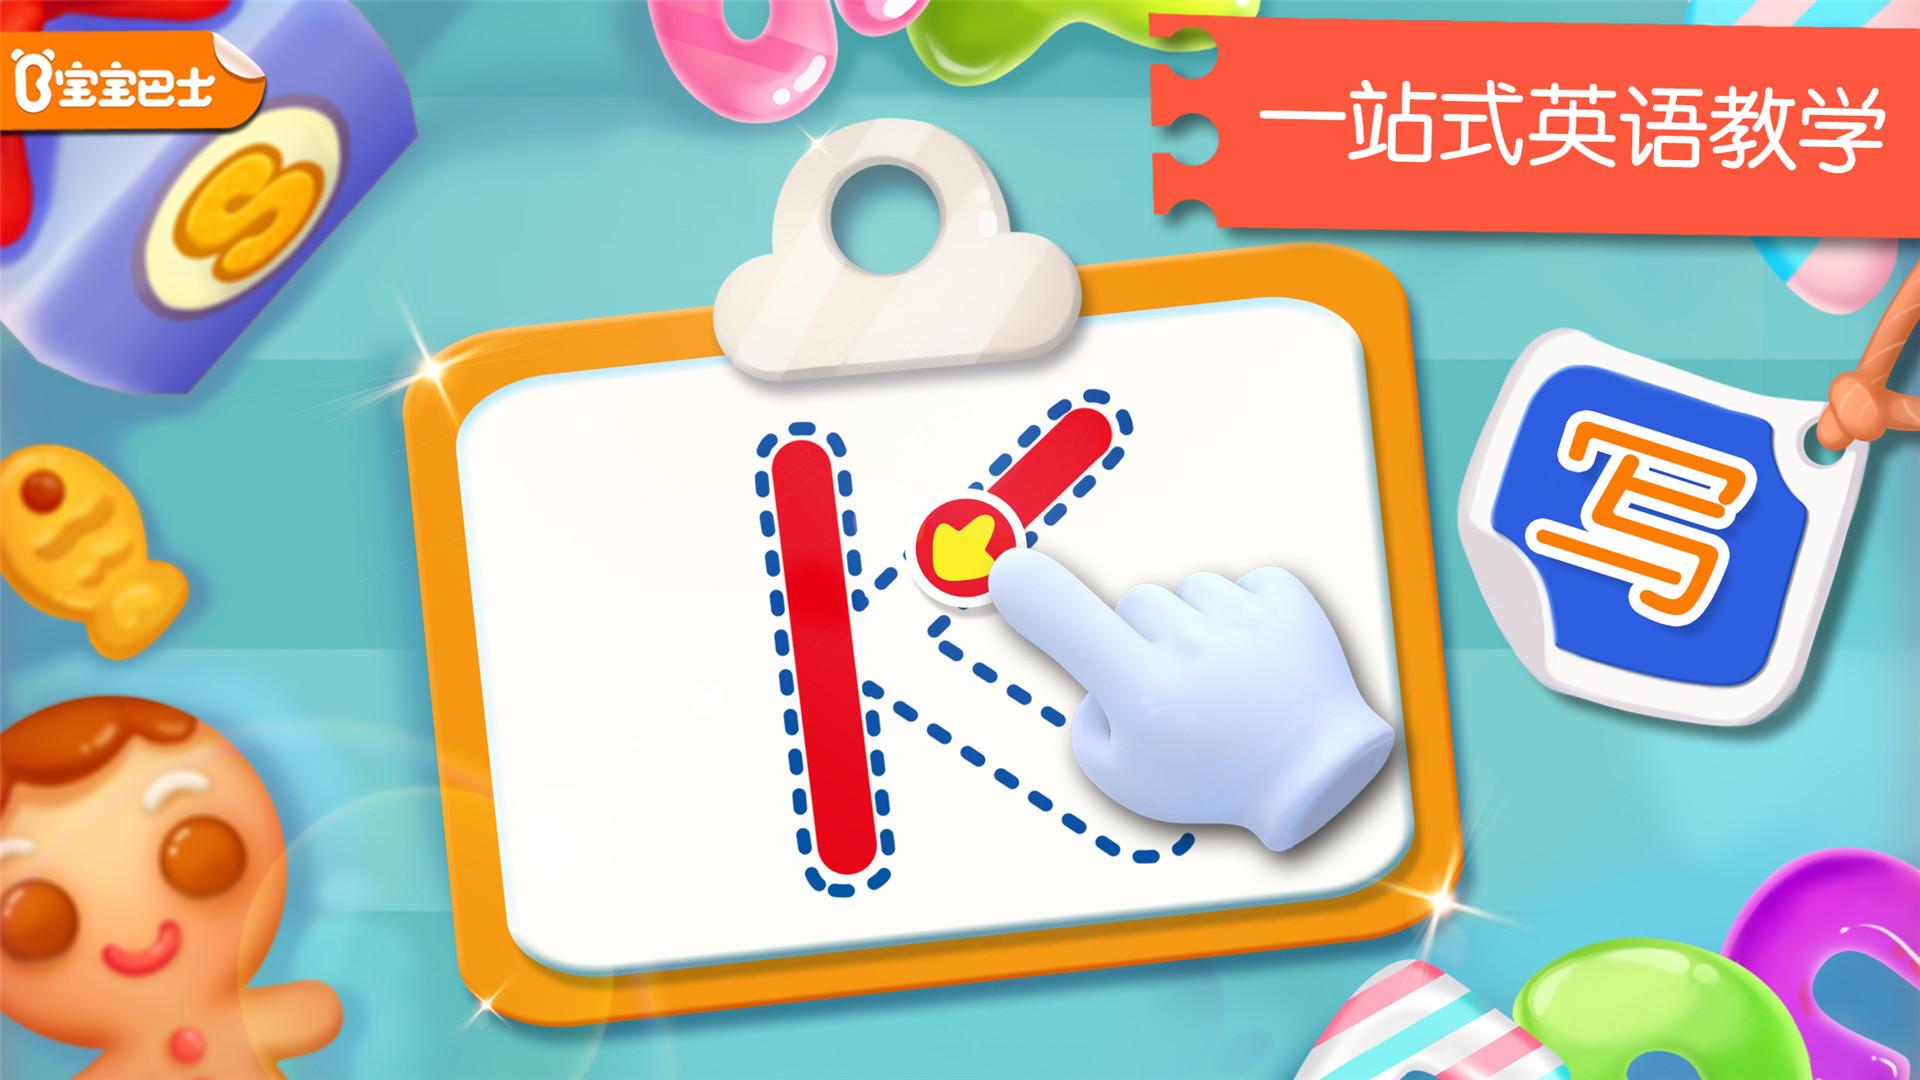 小宝宝学英语-应用截图